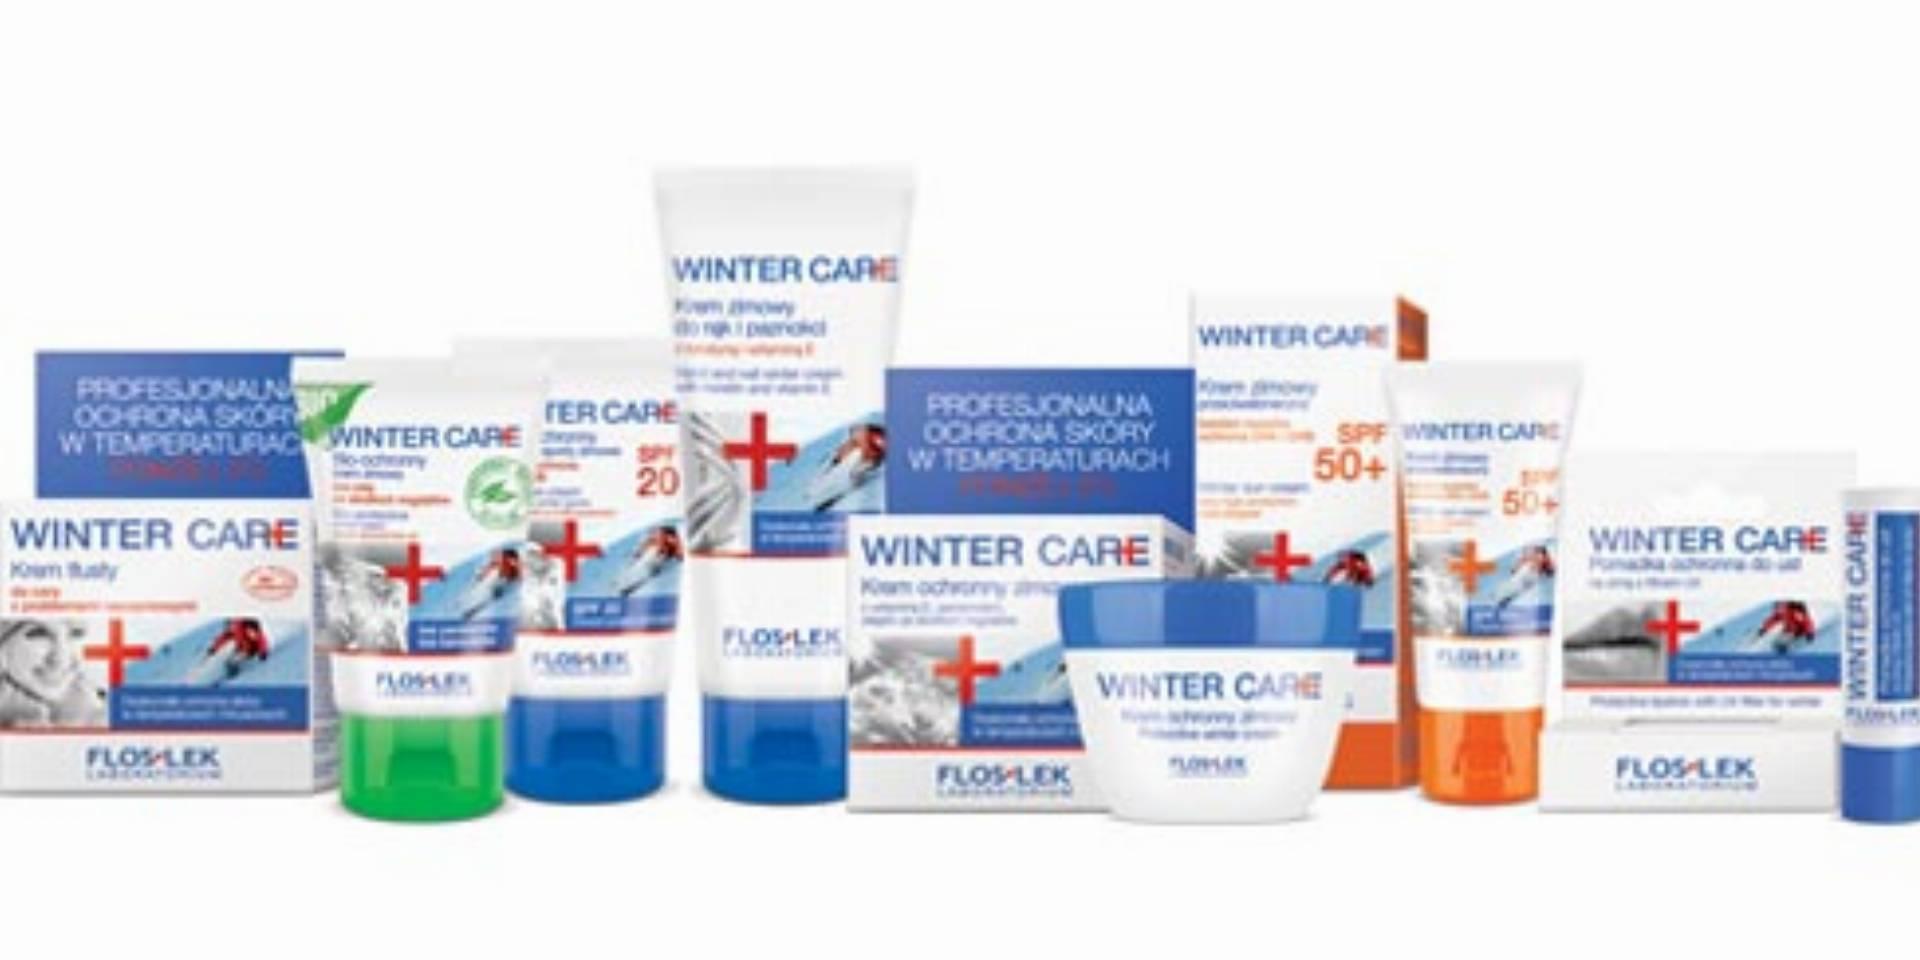 Floslek Winter Care